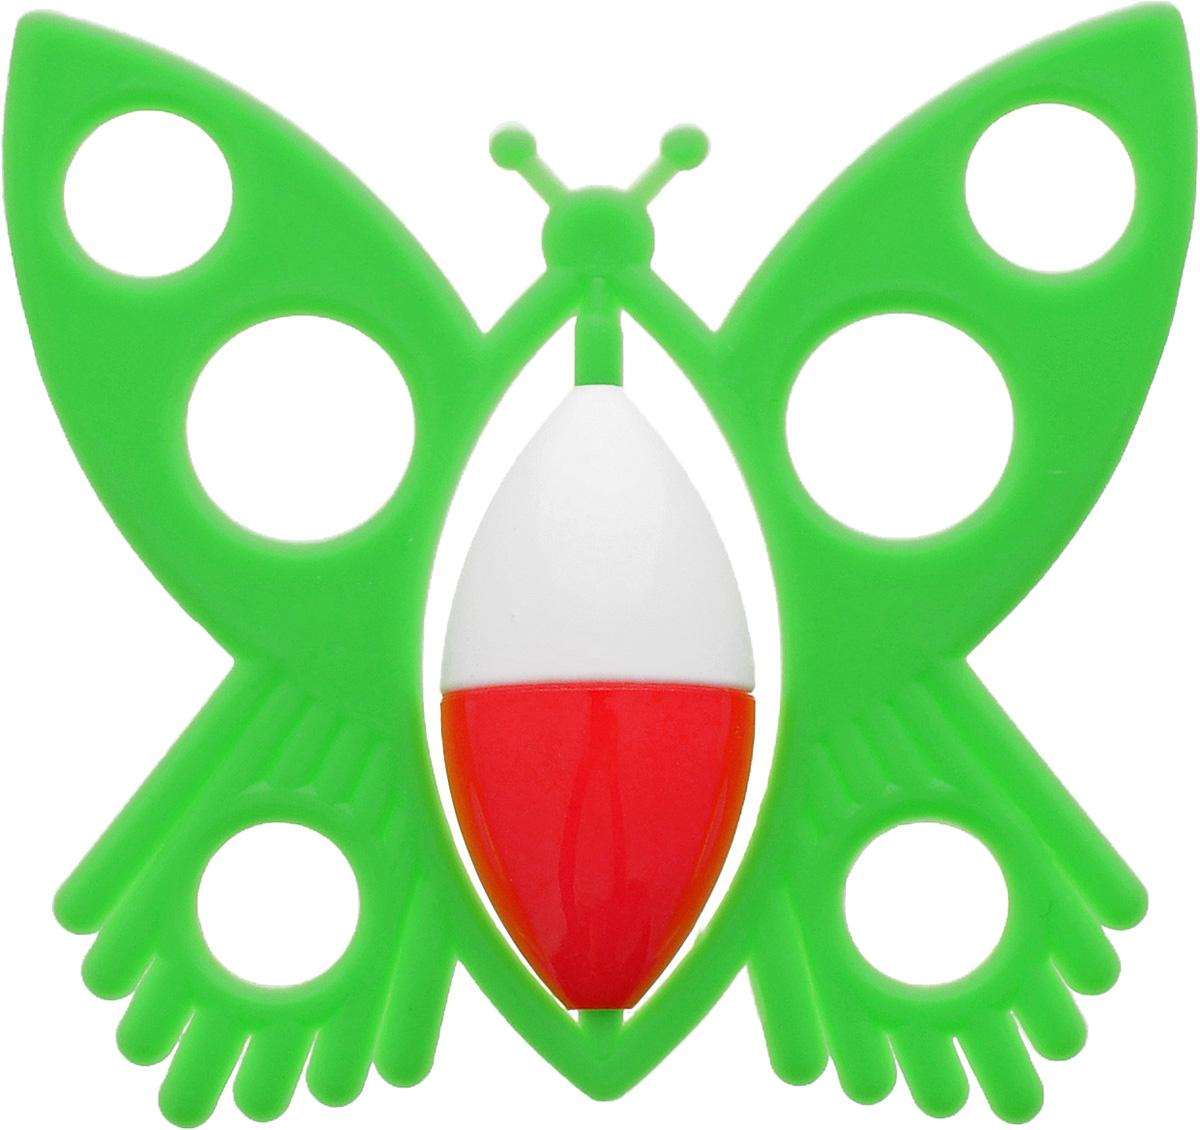 Аэлита Погремушка Бабочка цвет салатовый2С269_салатовыйПогремушка Аэлита Бабочка имеет яркий и насыщенный цвет, сконструирована в форме порхающей бабочки с подвижной деталью в центре. Именно поэтому данная игрушка не только привлечет внимание вашей крохи, но и сможет развить хватательный рефлекс, научить распознавать цвета и формы. Погремушка изготовлена из качественных и проверенных материалов без нанесения краски, она не выделяет токсических веществ, не имеет неприятного запаха, абсолютно безопасна для повседневного использования. Погремушка Аэлита Бабочка - это прочная и надежная игрушка, которая будет доставлять малышу радость и удовольствие, более того, сможет научить его множеству полезных вещей.